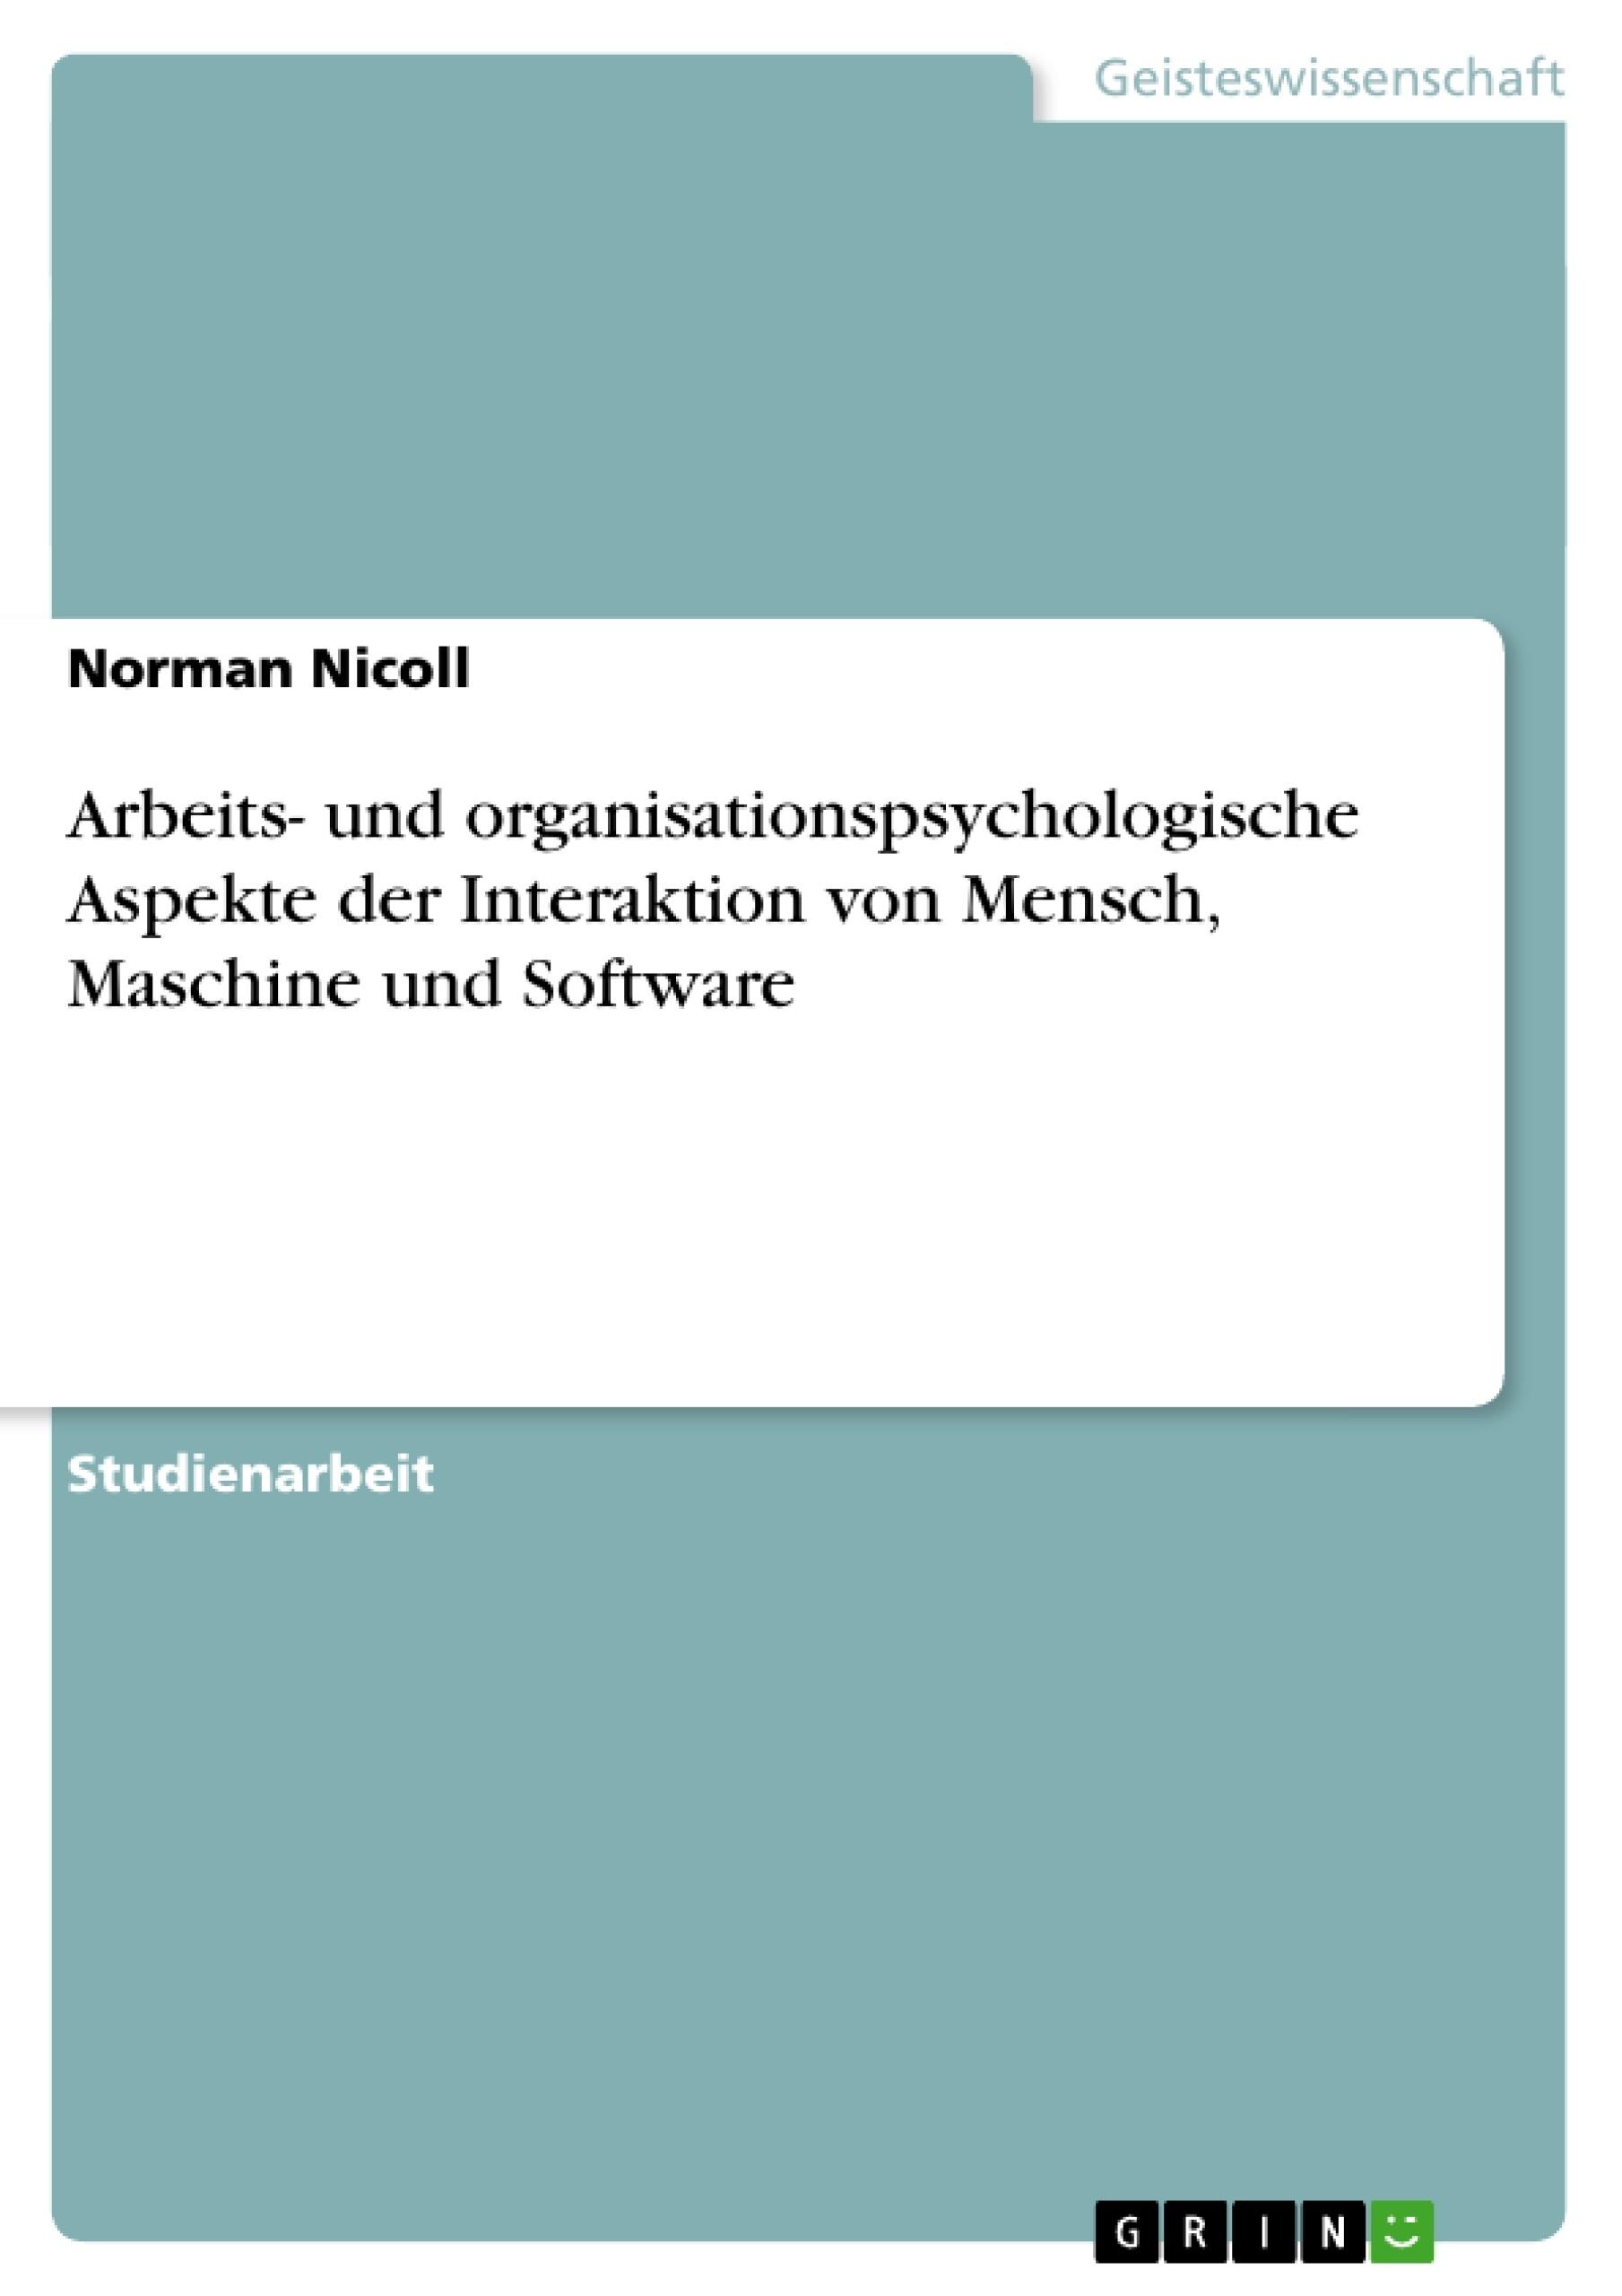 Titel: Arbeits- und organisationspsychologische Aspekte der Interaktion von Mensch, Maschine und Software